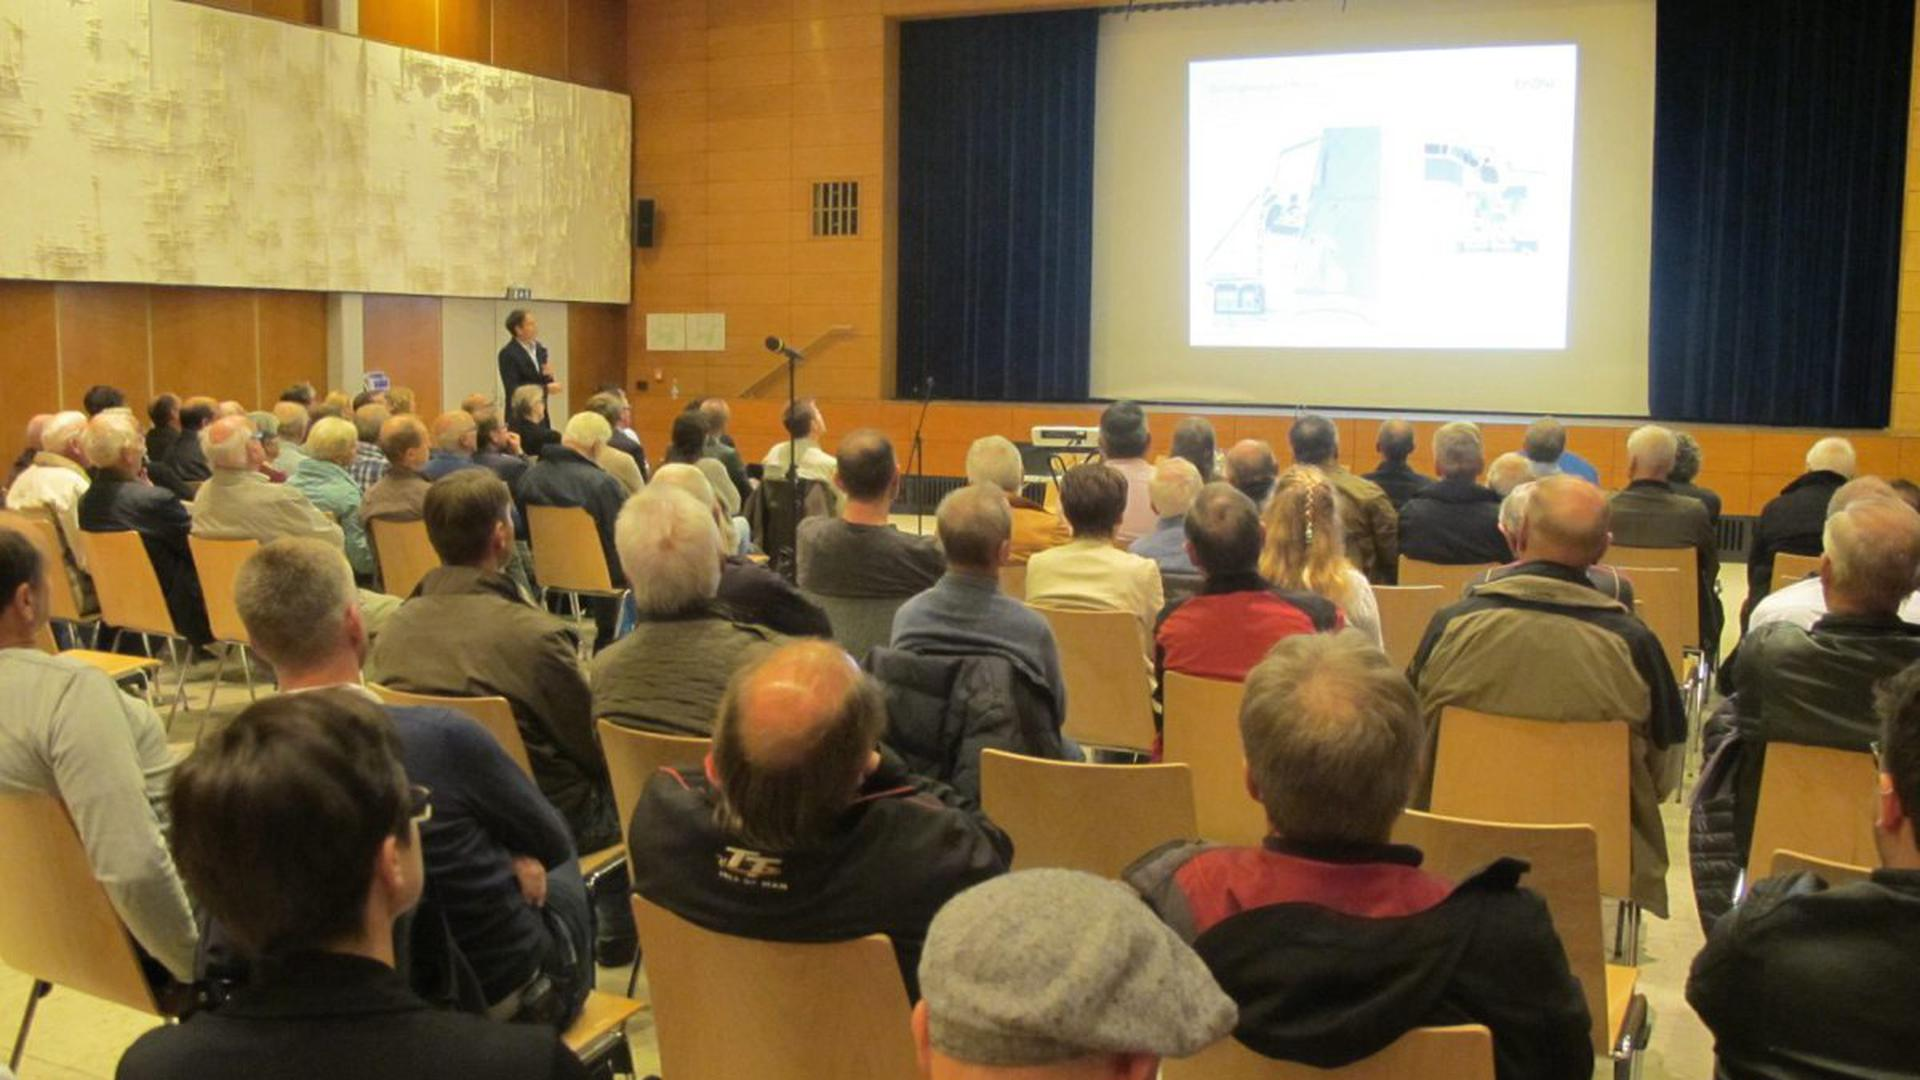 Rege besucht war die Bürgerinformationsveranstaltung der EnBW und der Gemeinde Forbach am Montagabend in der Murghalle.